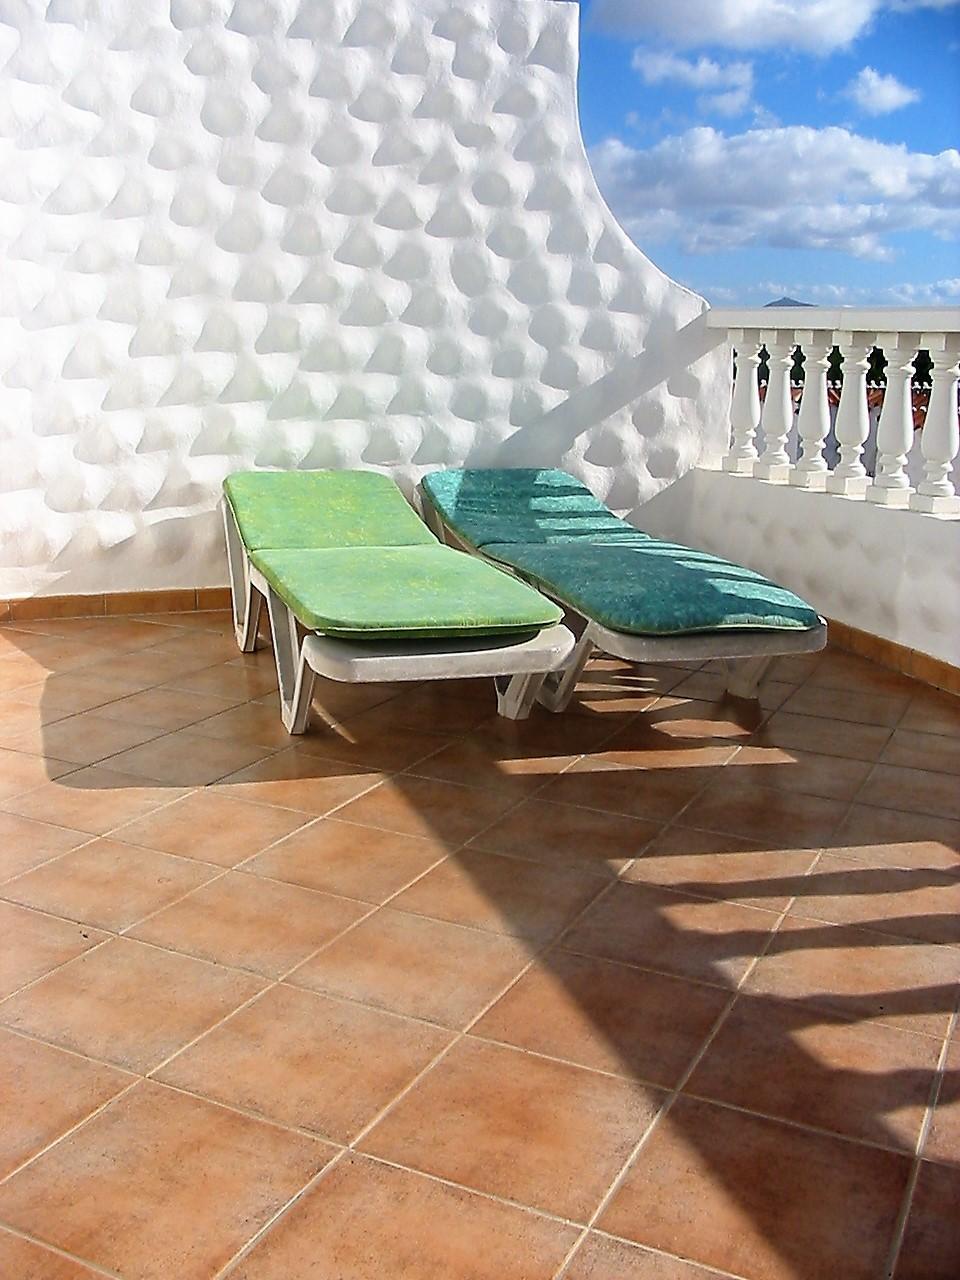 Ferienwohnung Penthouse / Apt. in der besten Gegend von Costa Calma, mit Blick auf eine große Terrasse a (487472), Costa Calma, Fuerteventura, Kanarische Inseln, Spanien, Bild 2